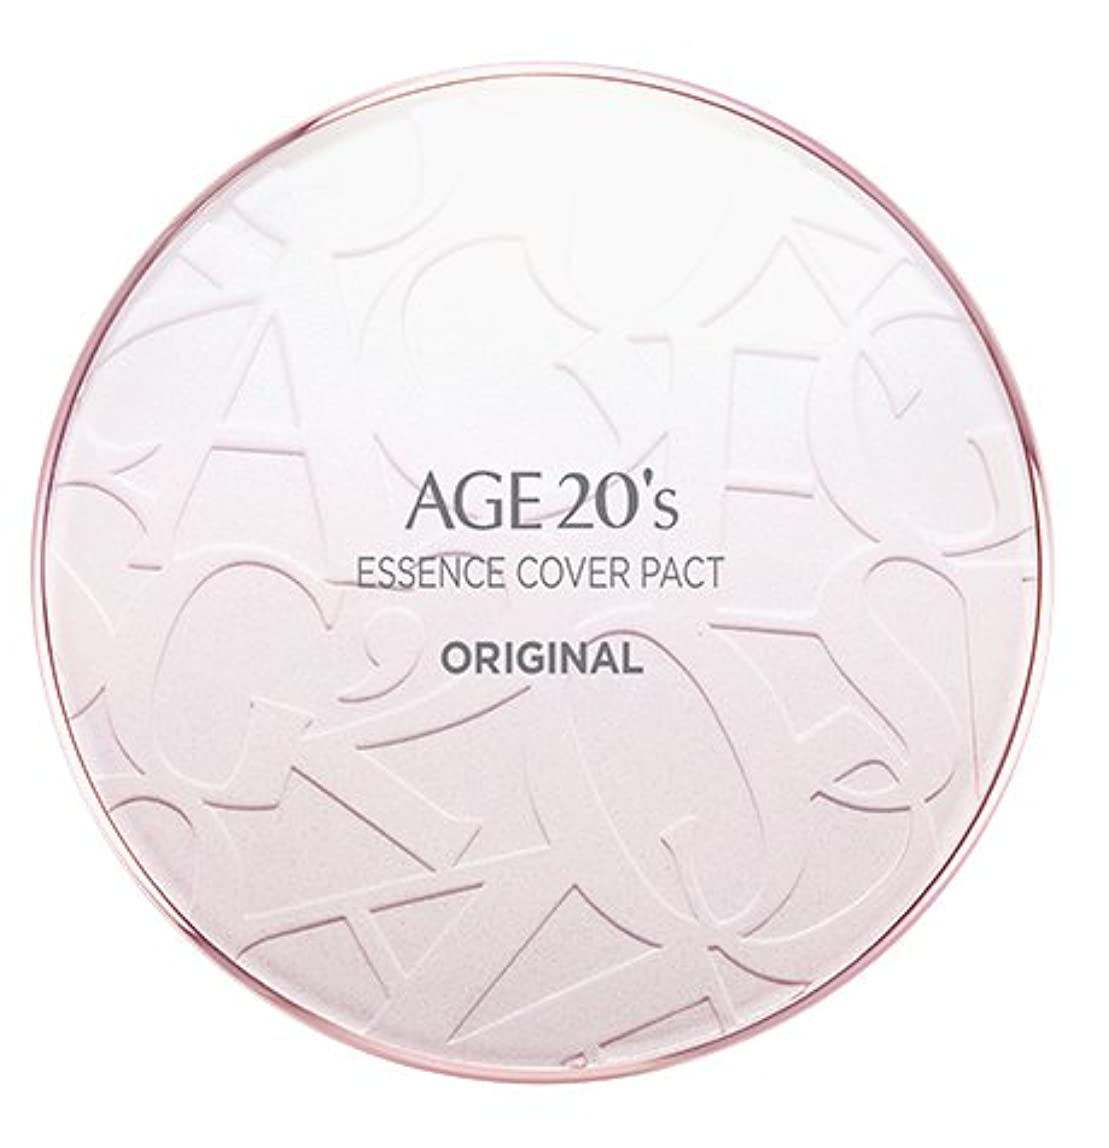 押すベジタリアンフィラデルフィアAGE 20's Essence Cover Pact Original [Pink Latte] 12.5g + Refill 12.5g (#21)/エイジ 20's エッセンス カバー パクト オリジナル [ピンクラテ...